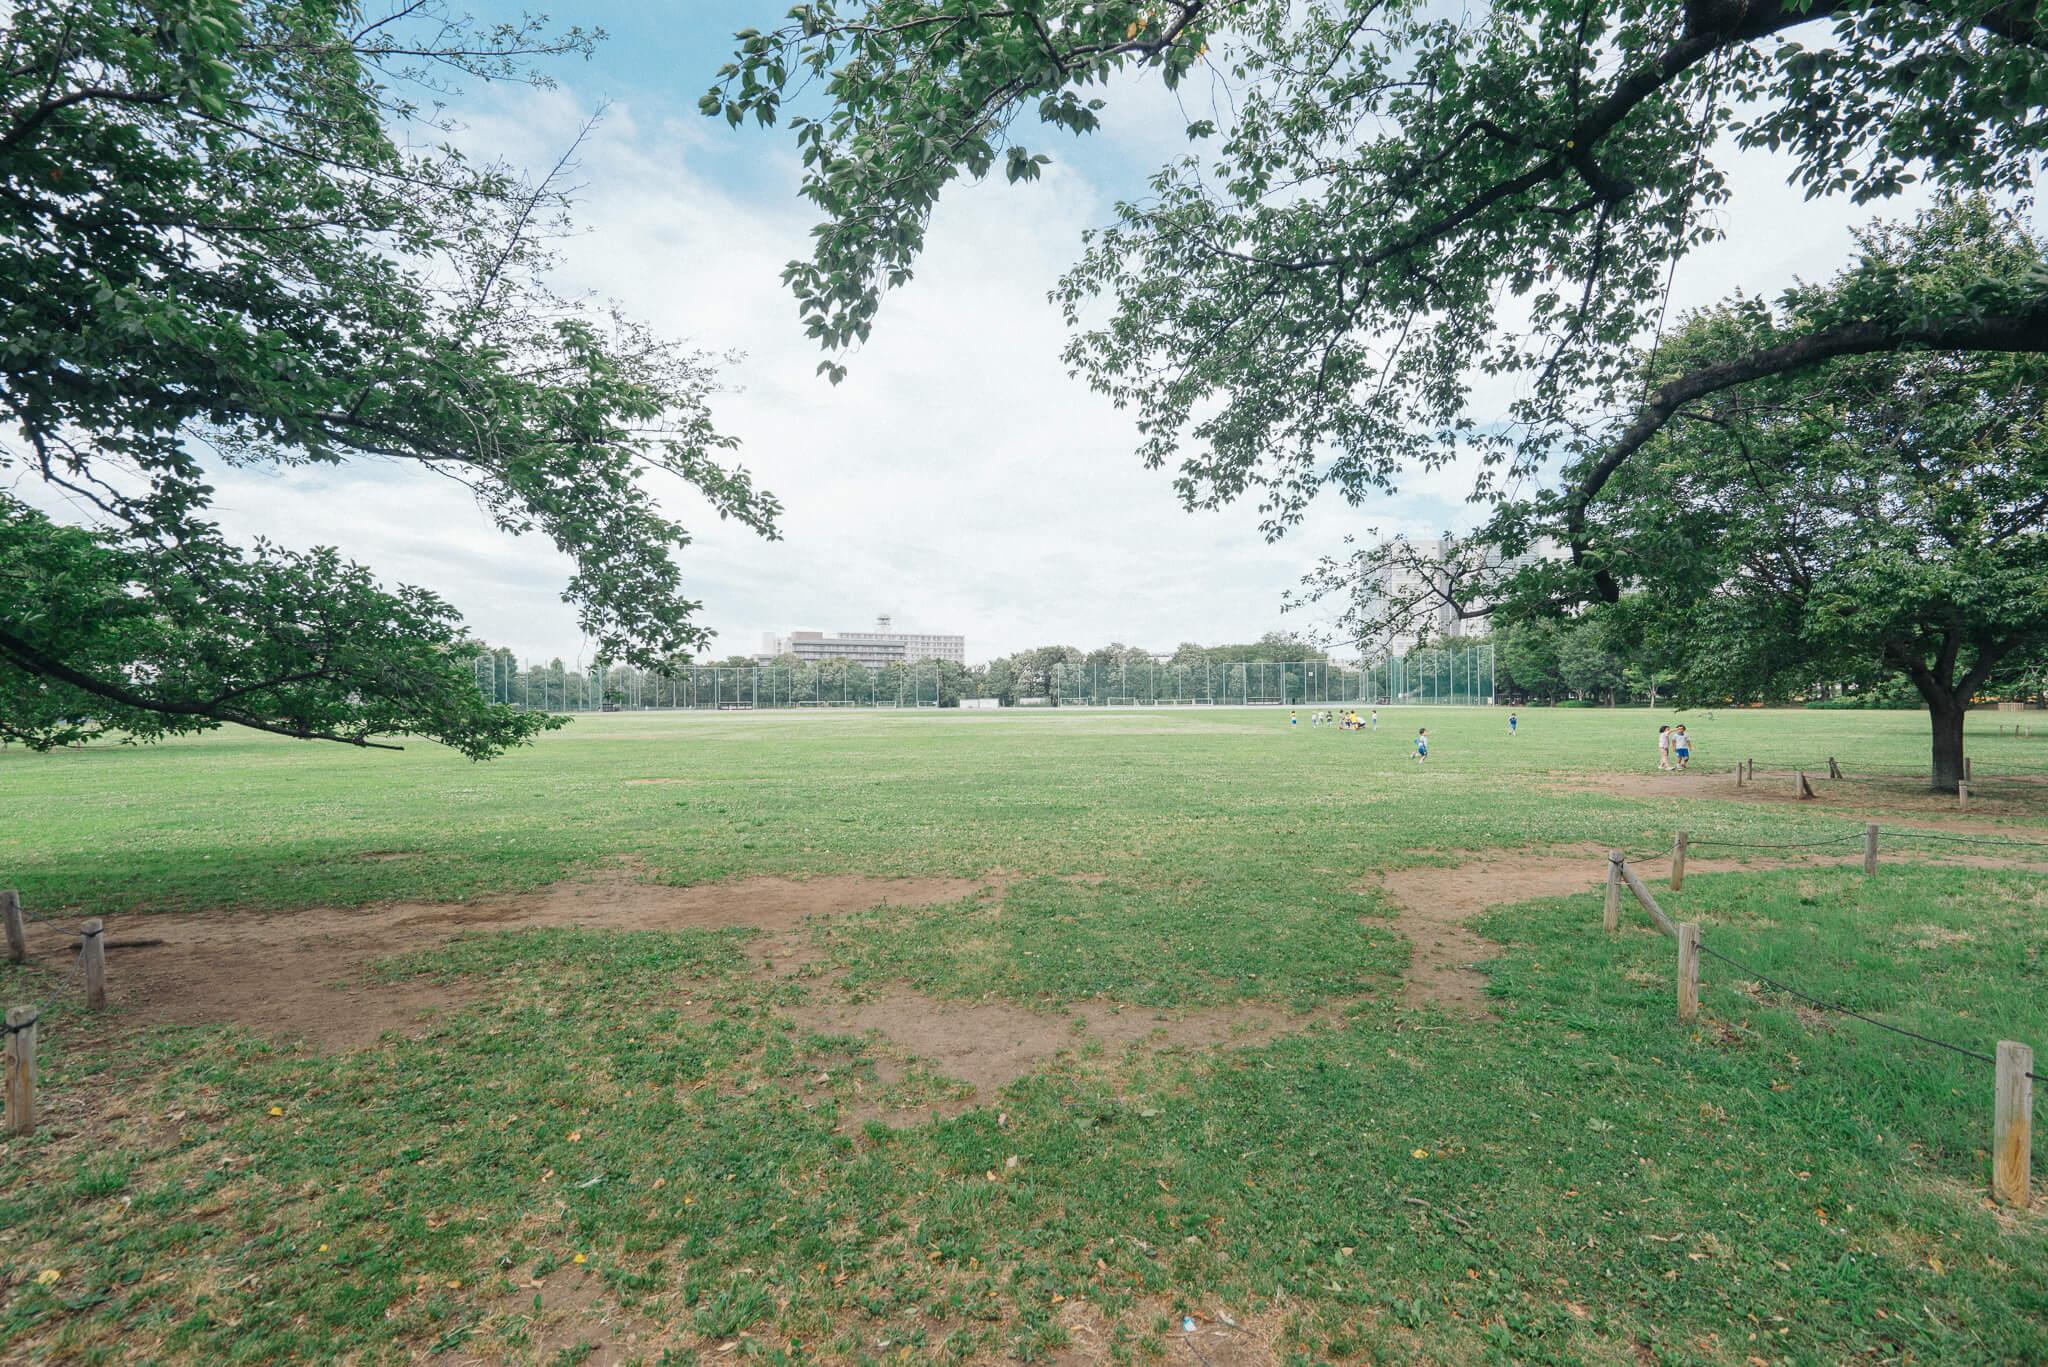 今回ご紹介する武蔵野緑町パークタウンから徒歩圏内の大きな公園、武蔵野中央公園。思いっきり走り回れる広々の芝生の広場が圧巻です。